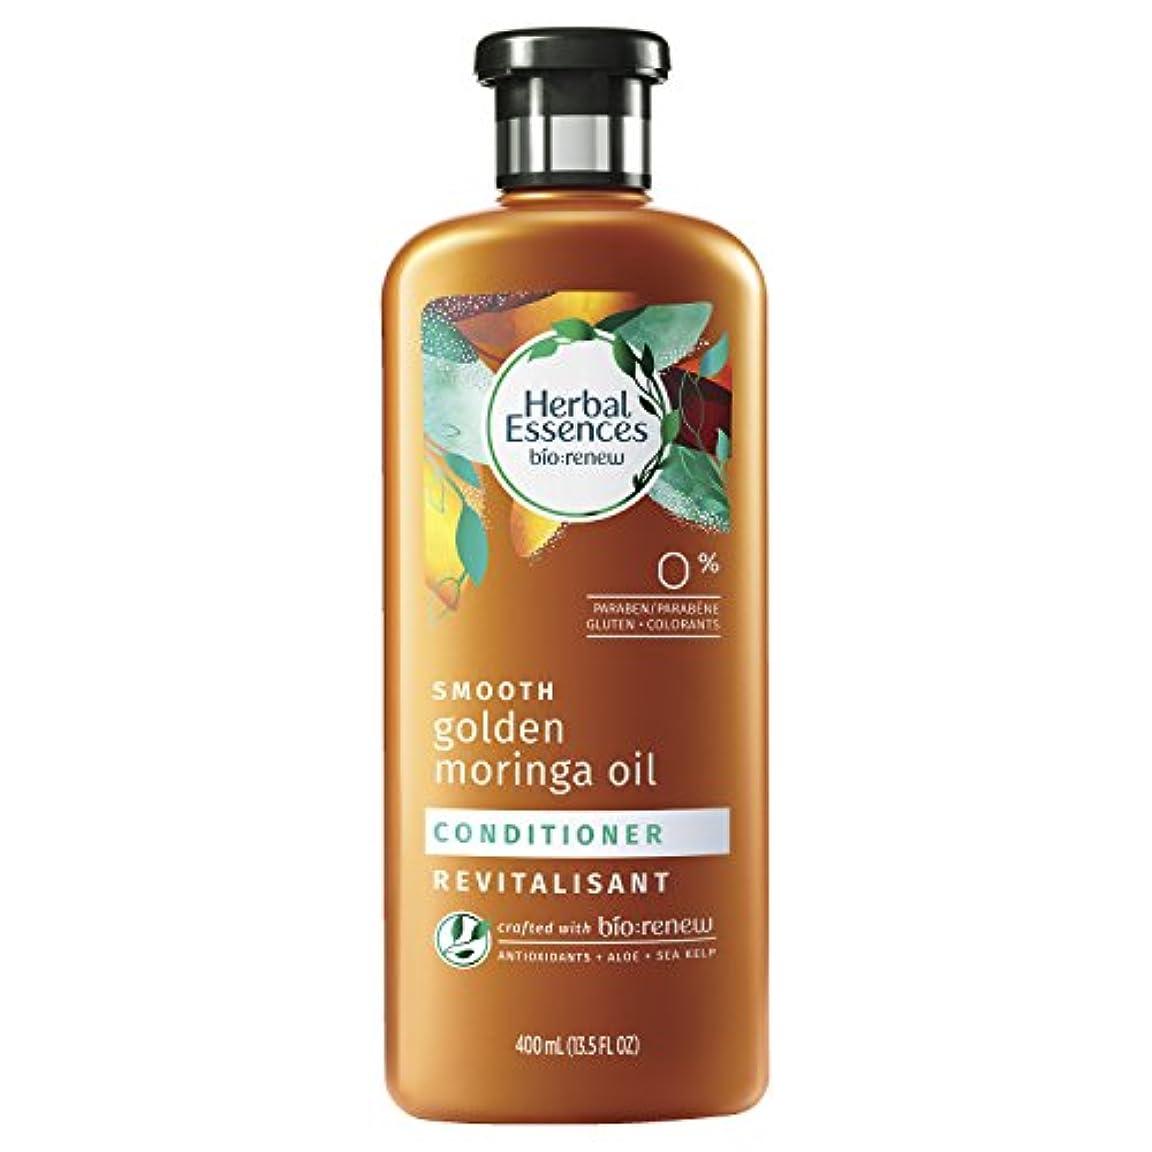 葉巻フォーマット火薬Herbal Essences ゴールデンモリンガオイルコンディショナー、13.5液量オンス(2パック)をスムーズBiorenew